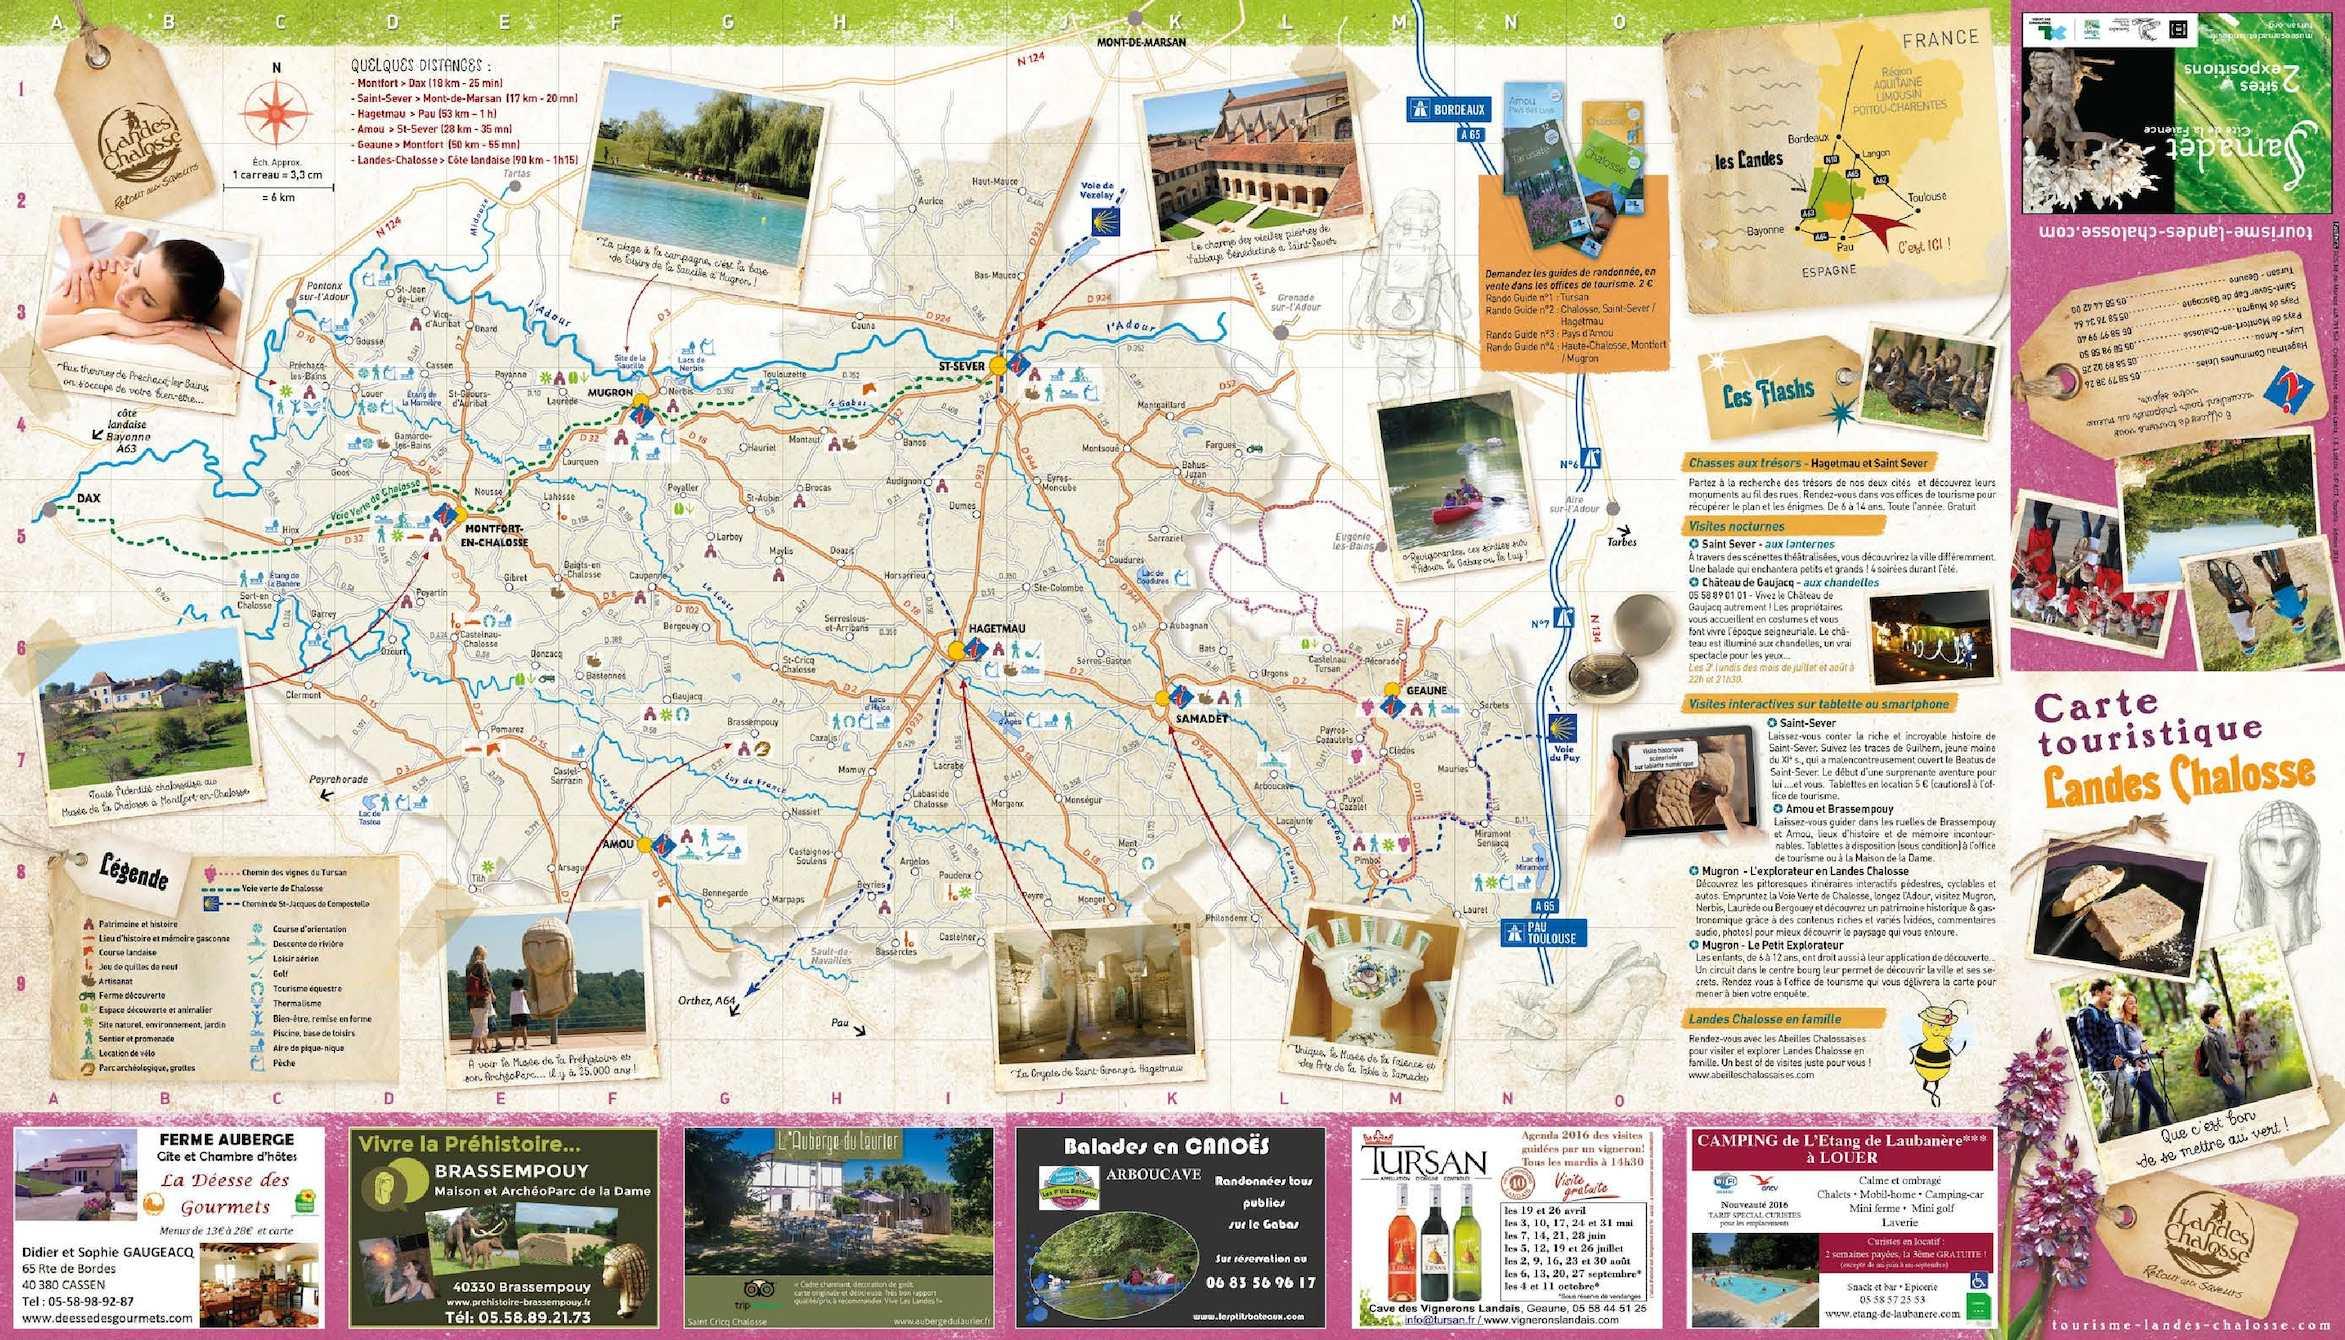 Calaméo   Carte touristique Landes Chalosse 2016